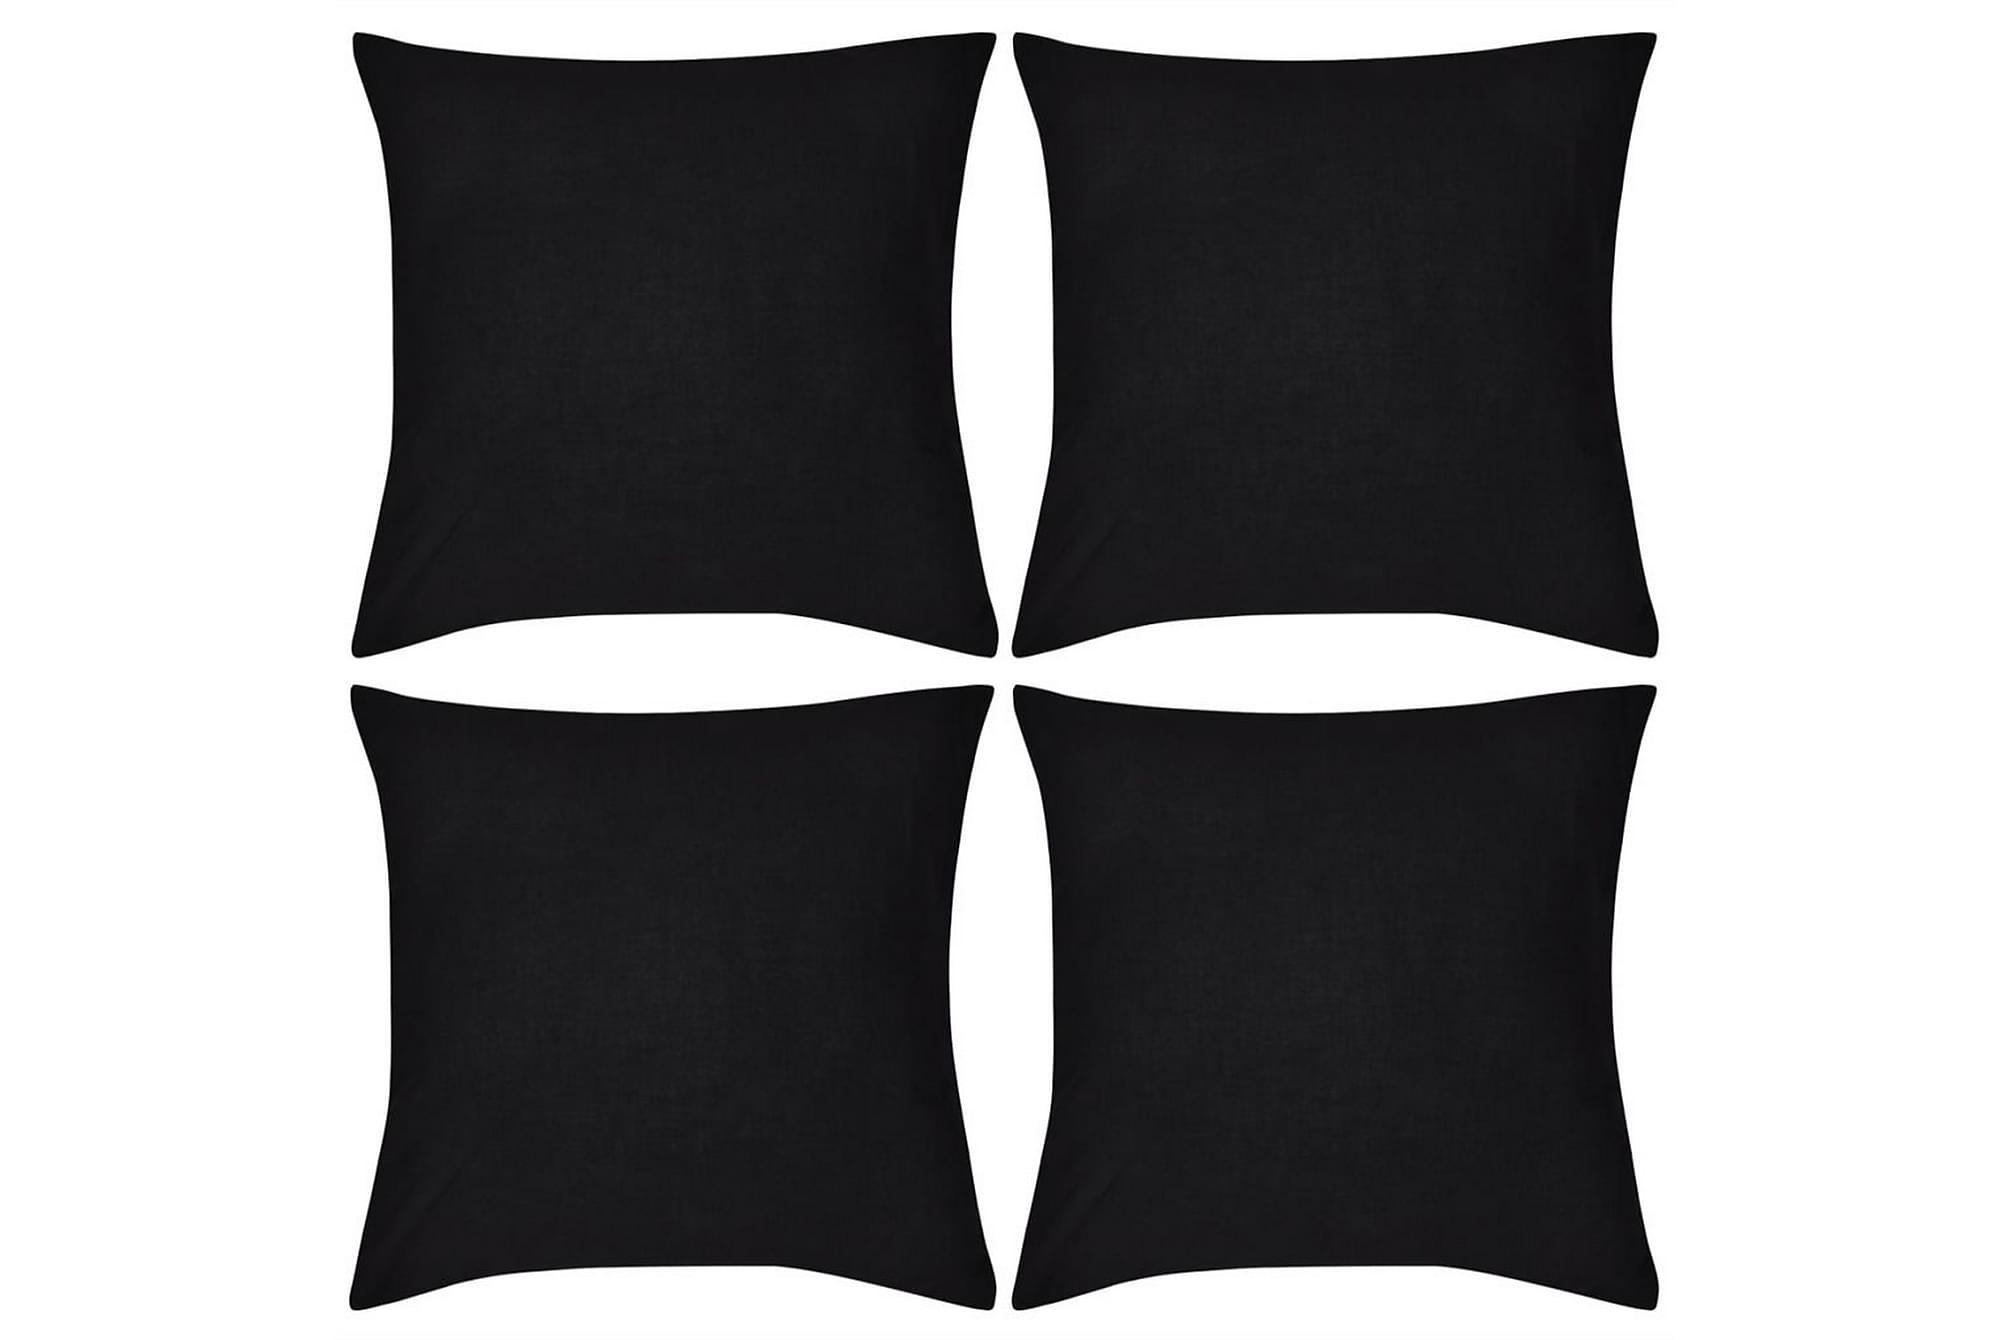 4 Kuddöverdrag i bomull svarta 50 x 50 cm, Prydnadskuddar & filtar